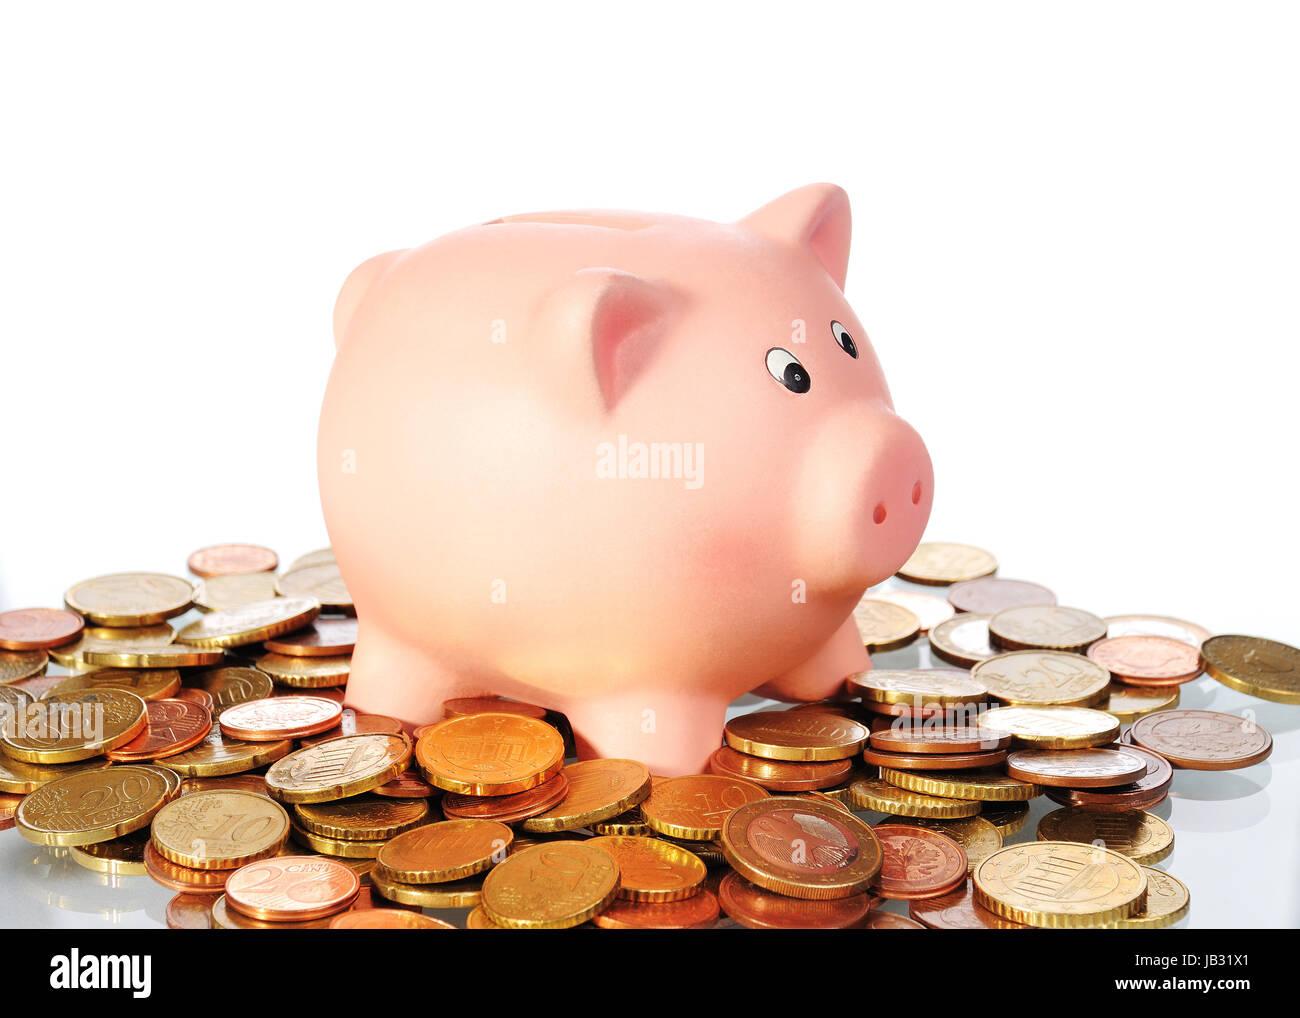 Sparschwein in einer Fläche aus Euro Münzen vor weißem Hintergrund - Stock Image